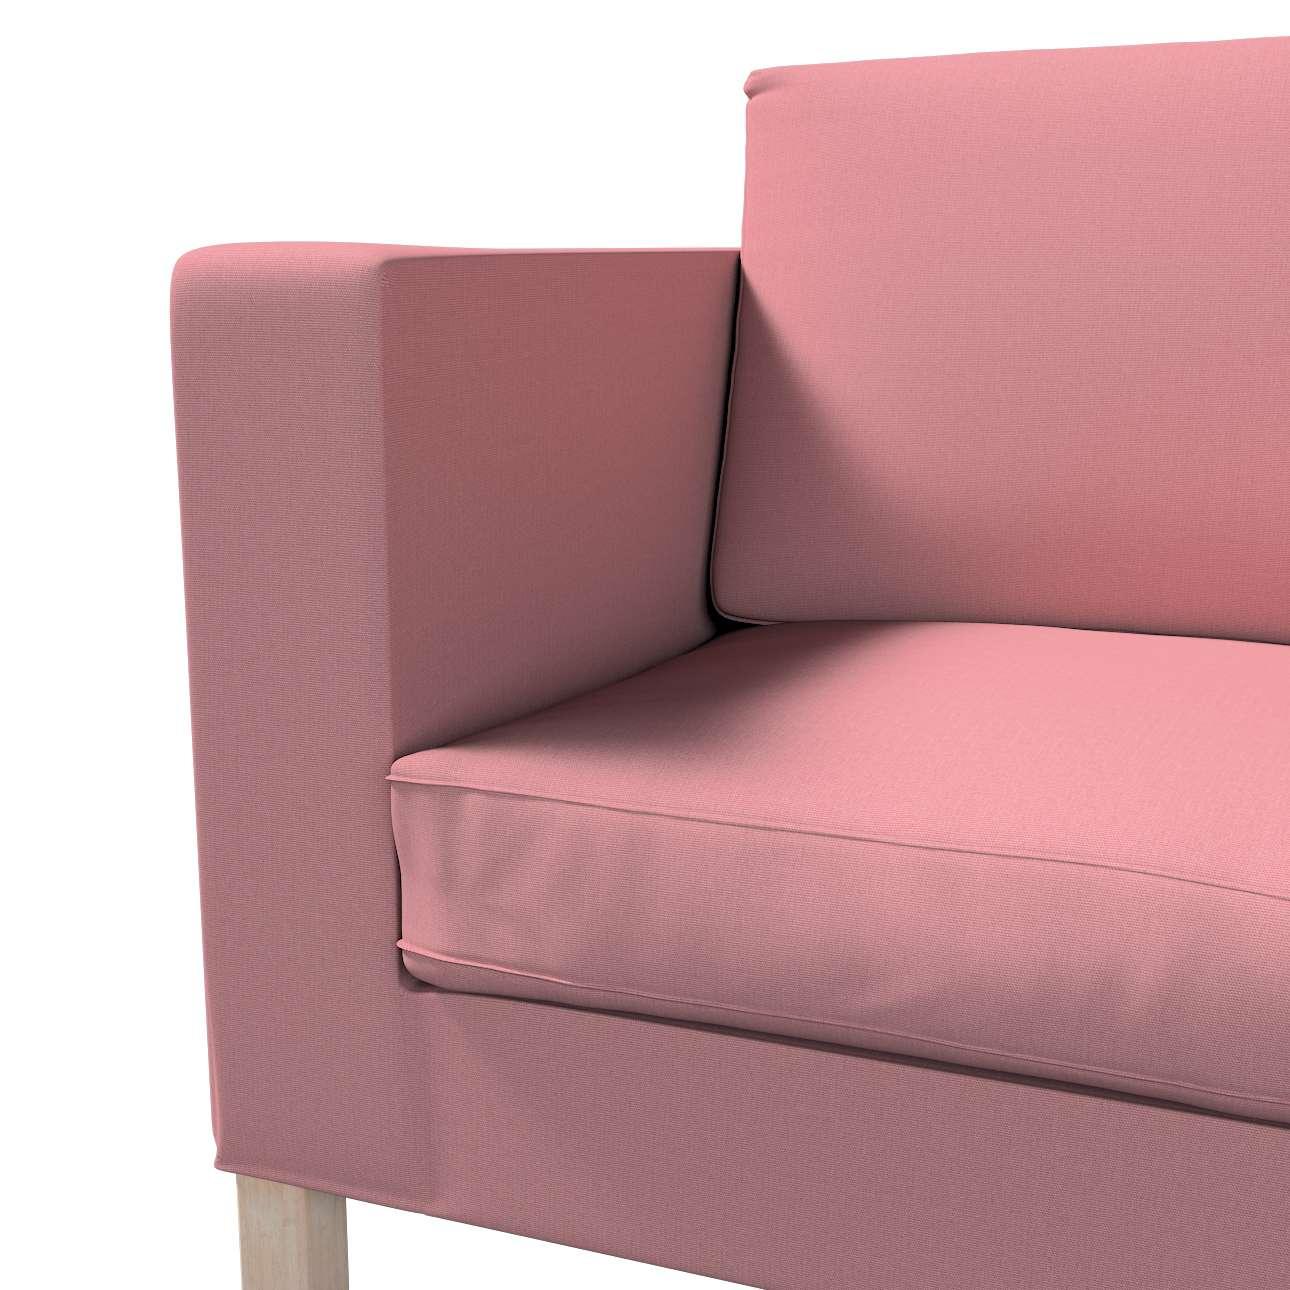 Pokrowiec na sofę Karlanda rozkładaną, krótki w kolekcji Cotton Panama, tkanina: 702-43